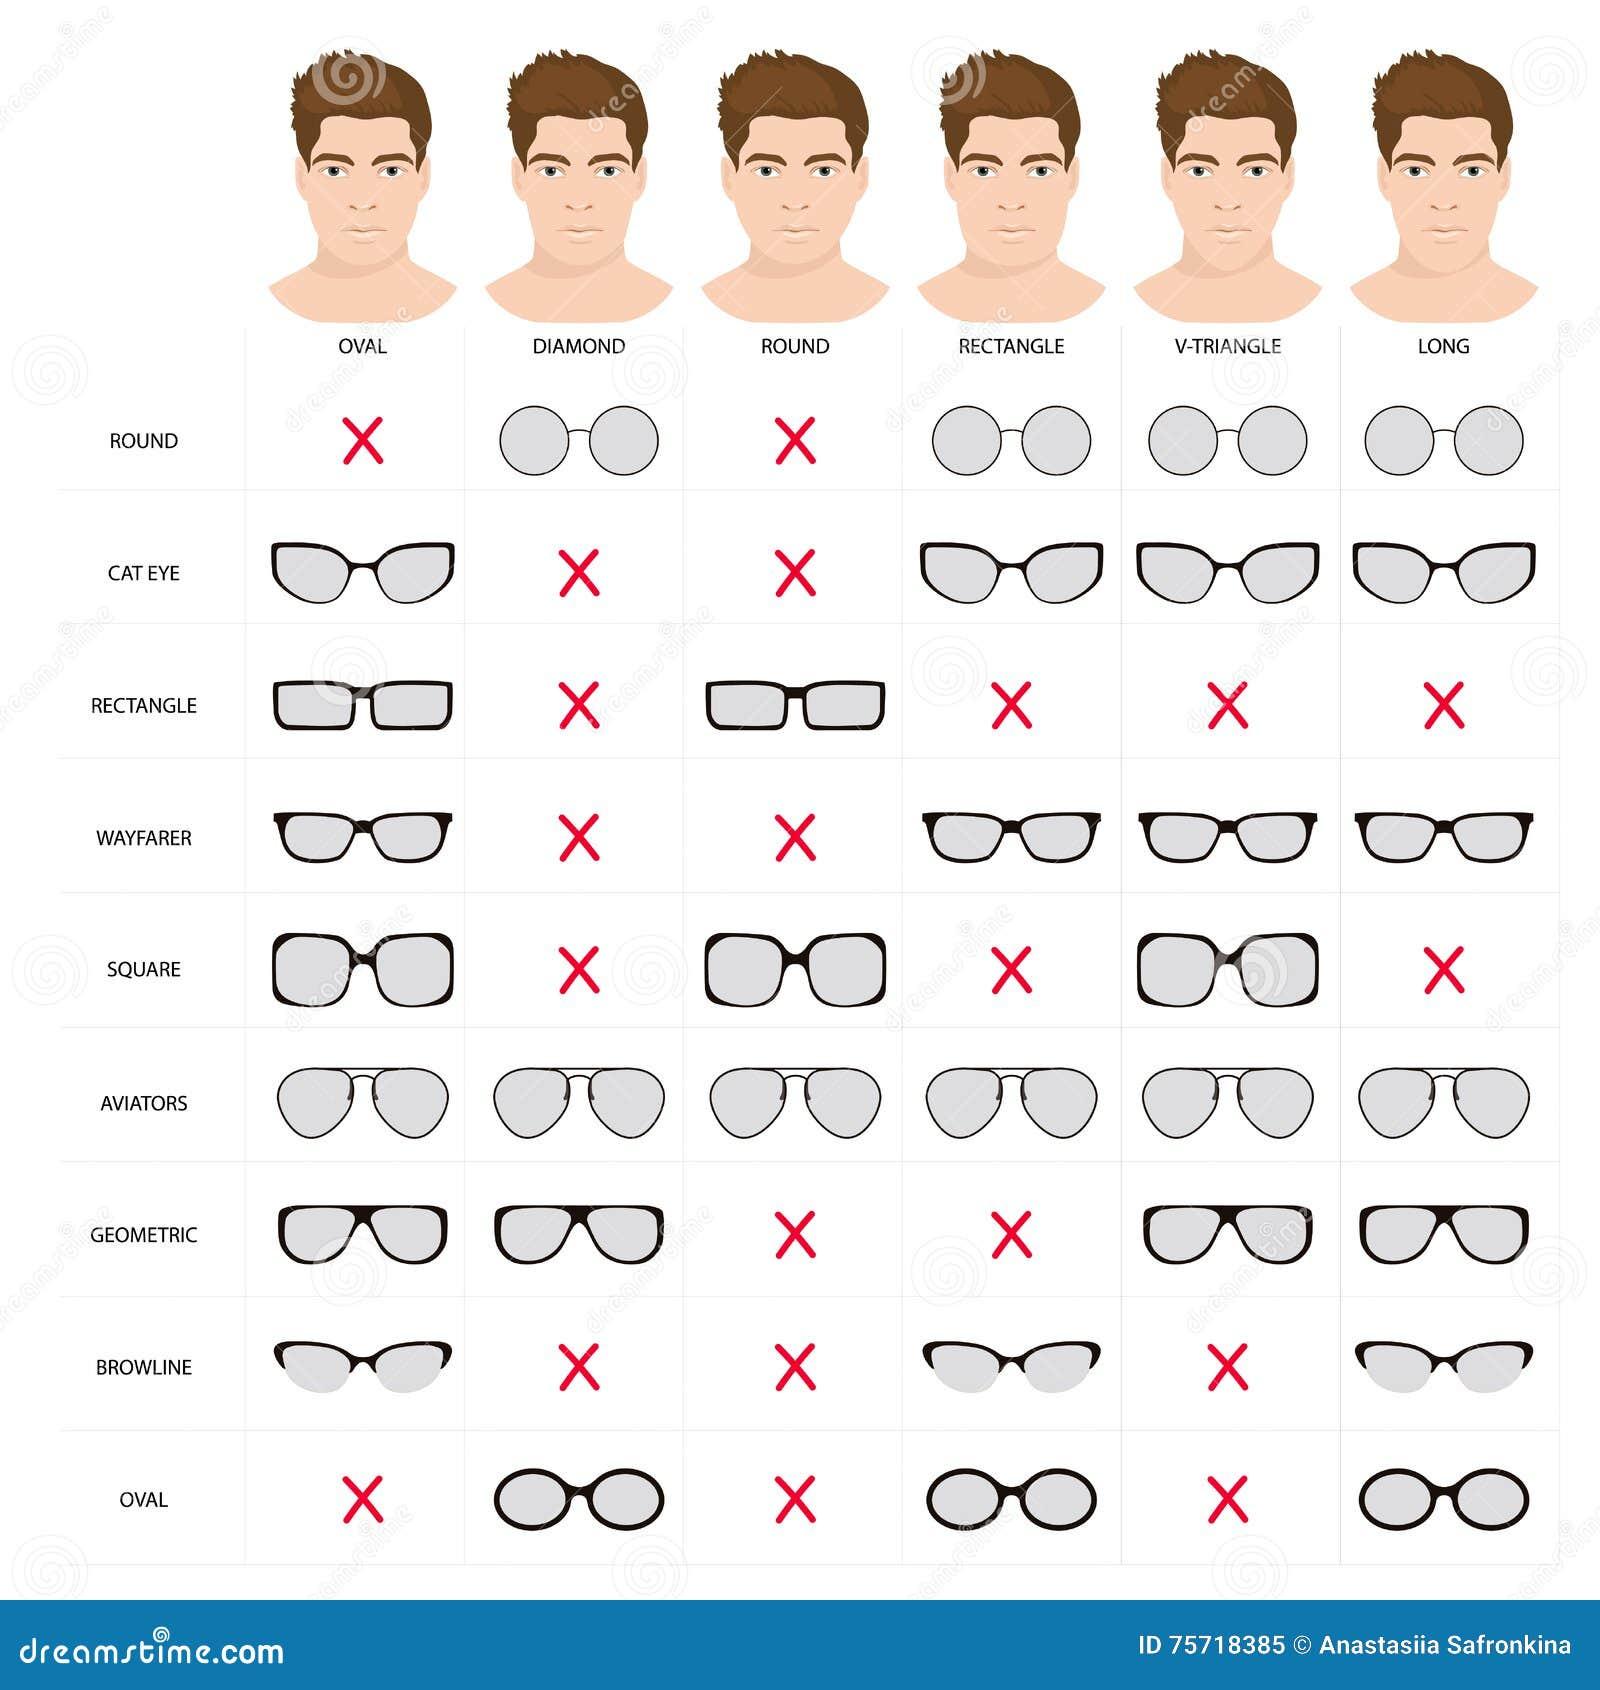 267a7046a3439 Les verres droits pour homme la forme de visage L illustration courante des  verres forme pour différents types masculins de visage verres pour l homme  ...